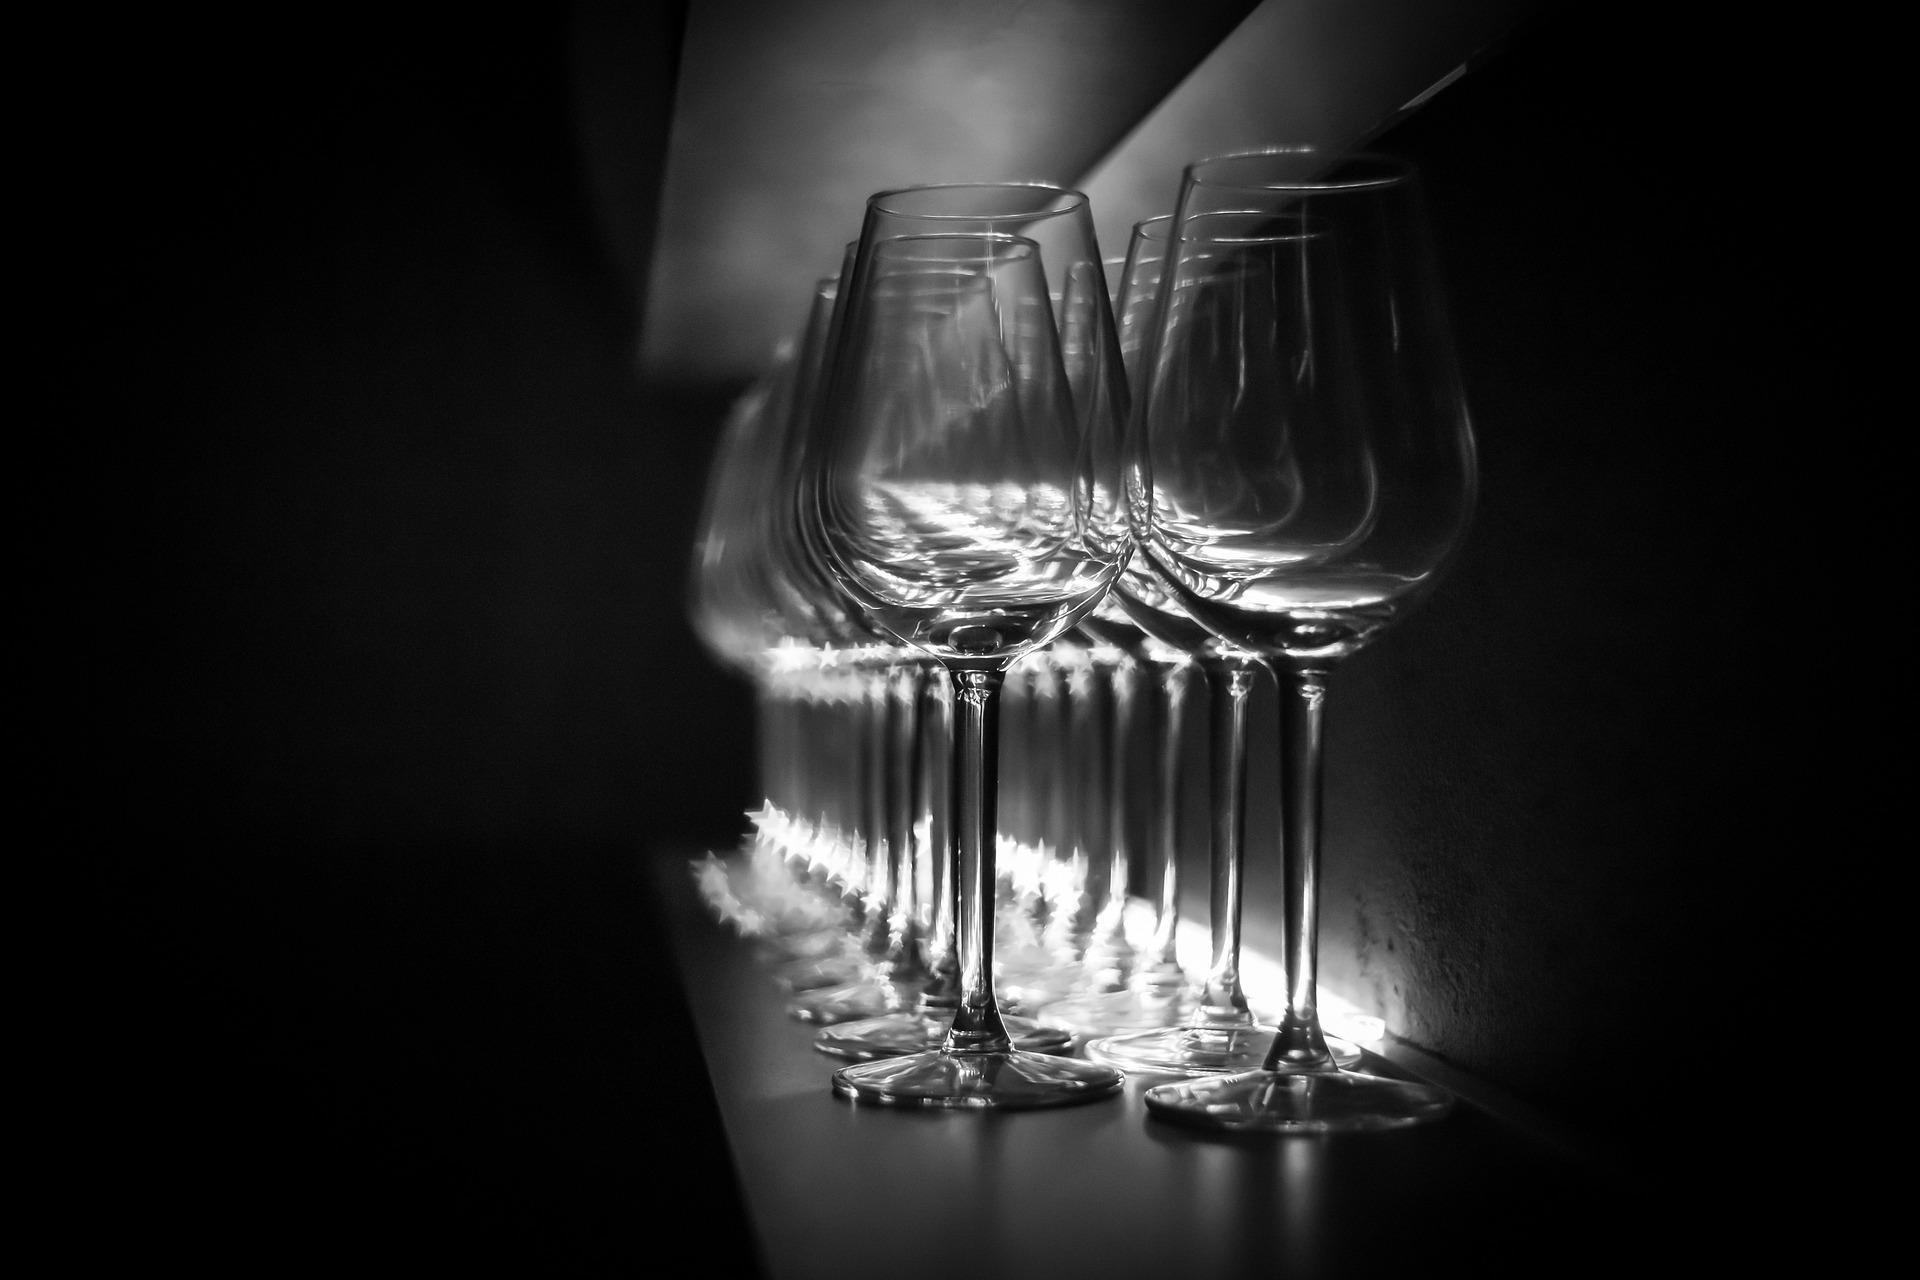 glasses-2971680_1920.jpg